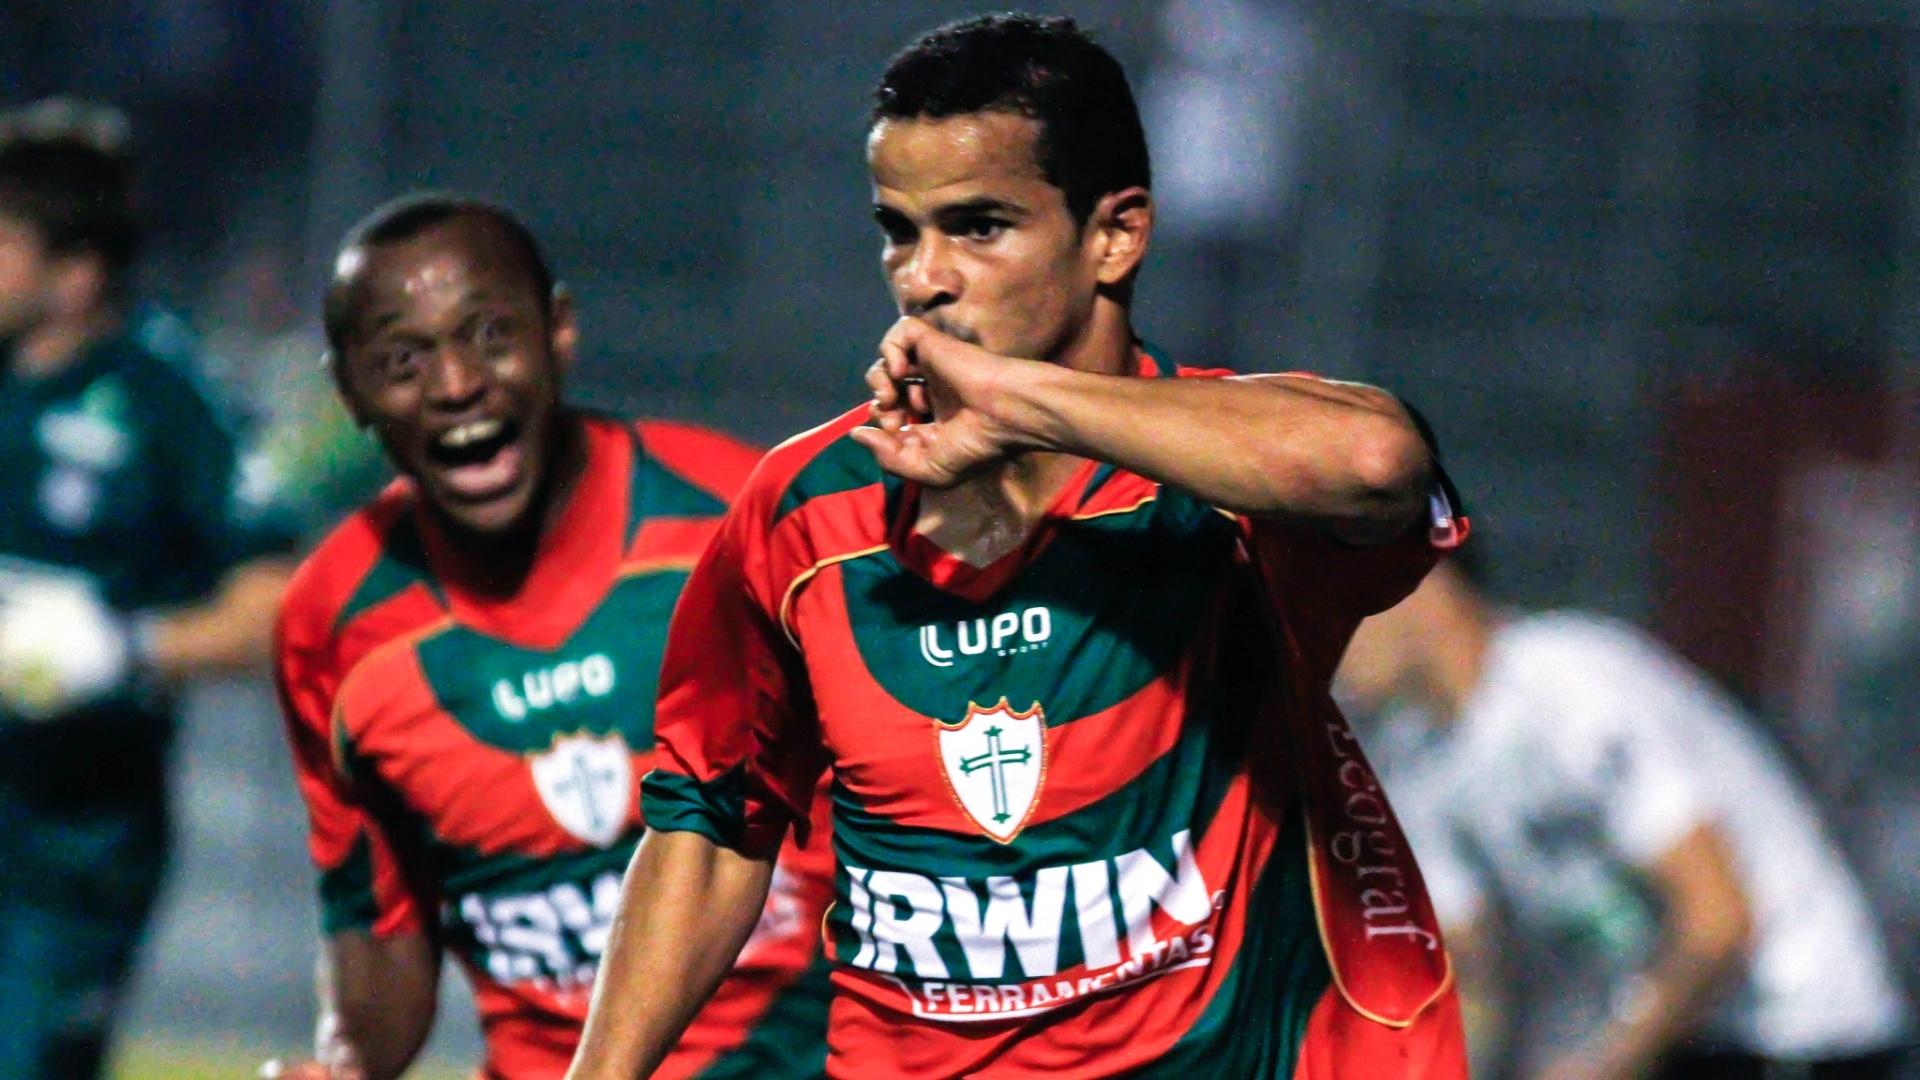 Bruno Mineiro comemora um dos gols da Portuguesa na vitória contra o Figueirense por 2 a 0 (04/08/2012)